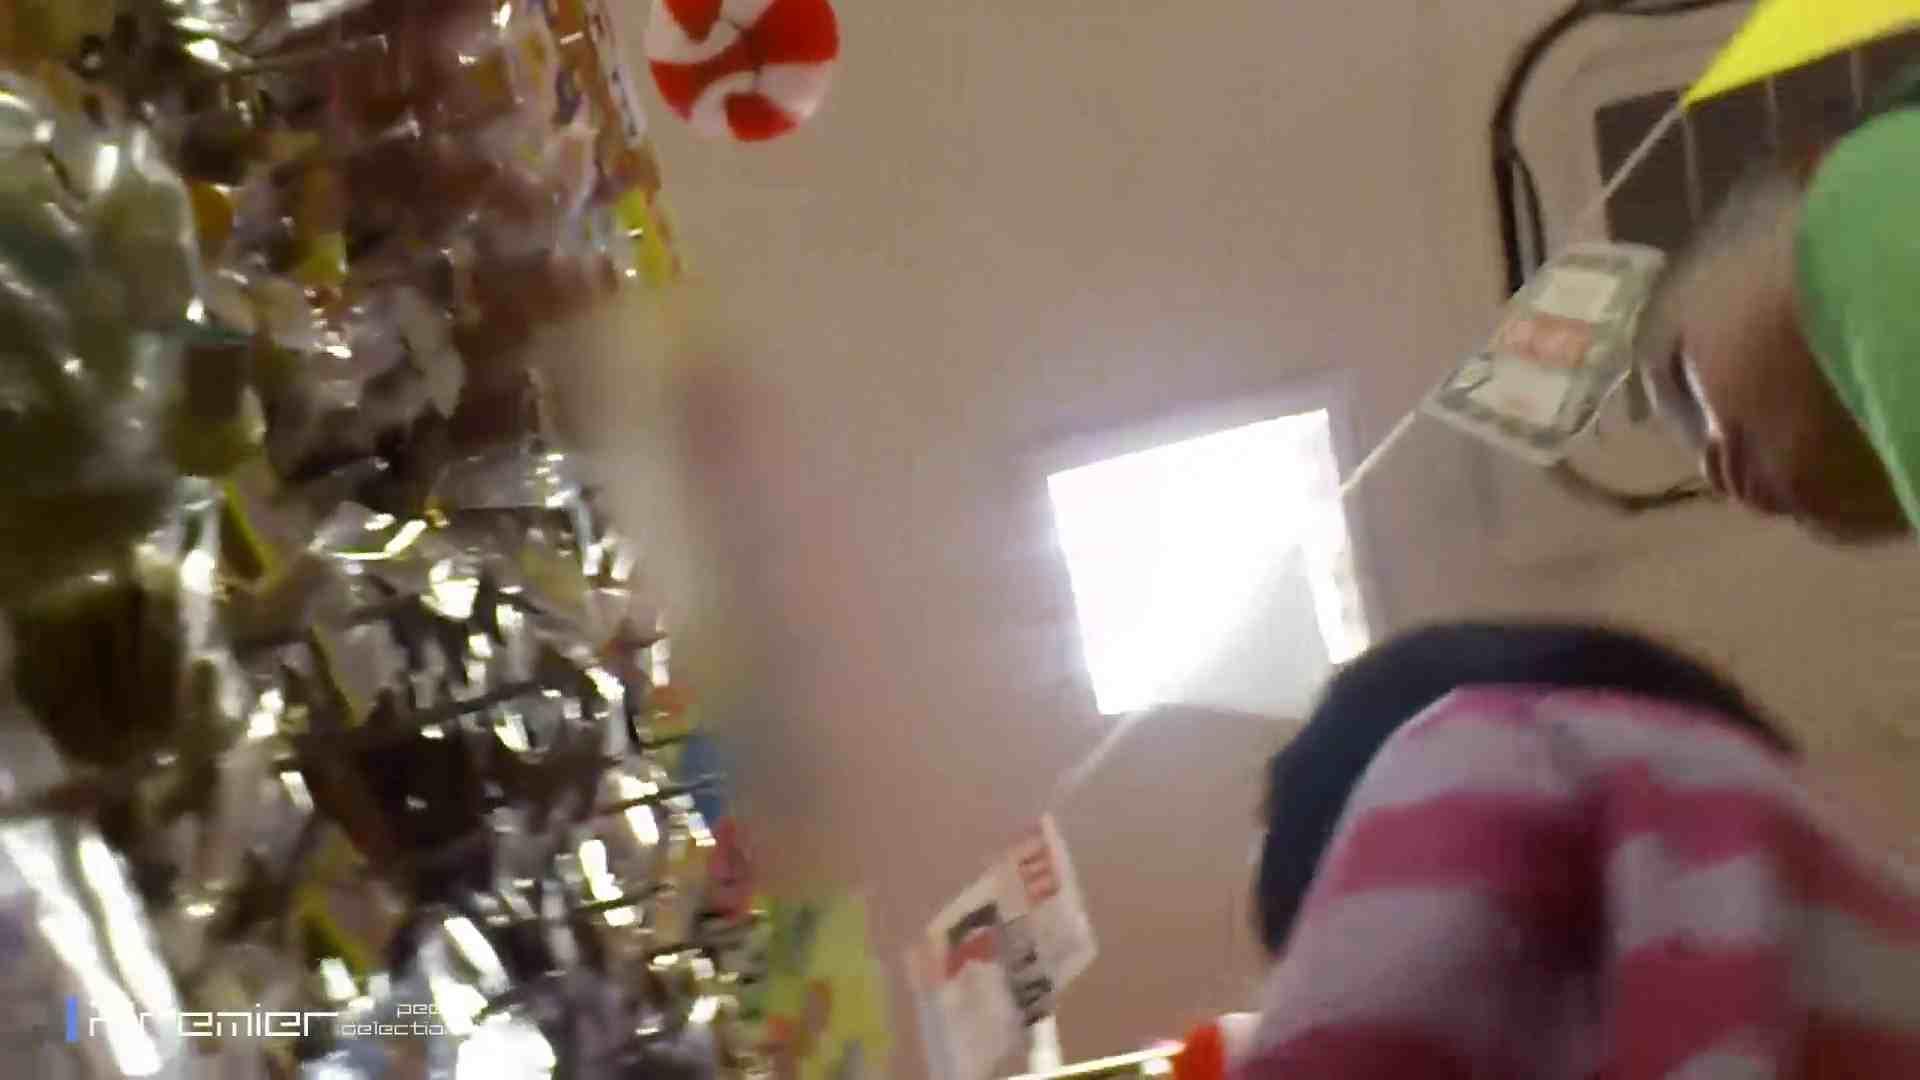 期間限定 超炉利盗撮 Vol.16 パンチラマーケット 3 細身女性 エロ無料画像 95画像 37